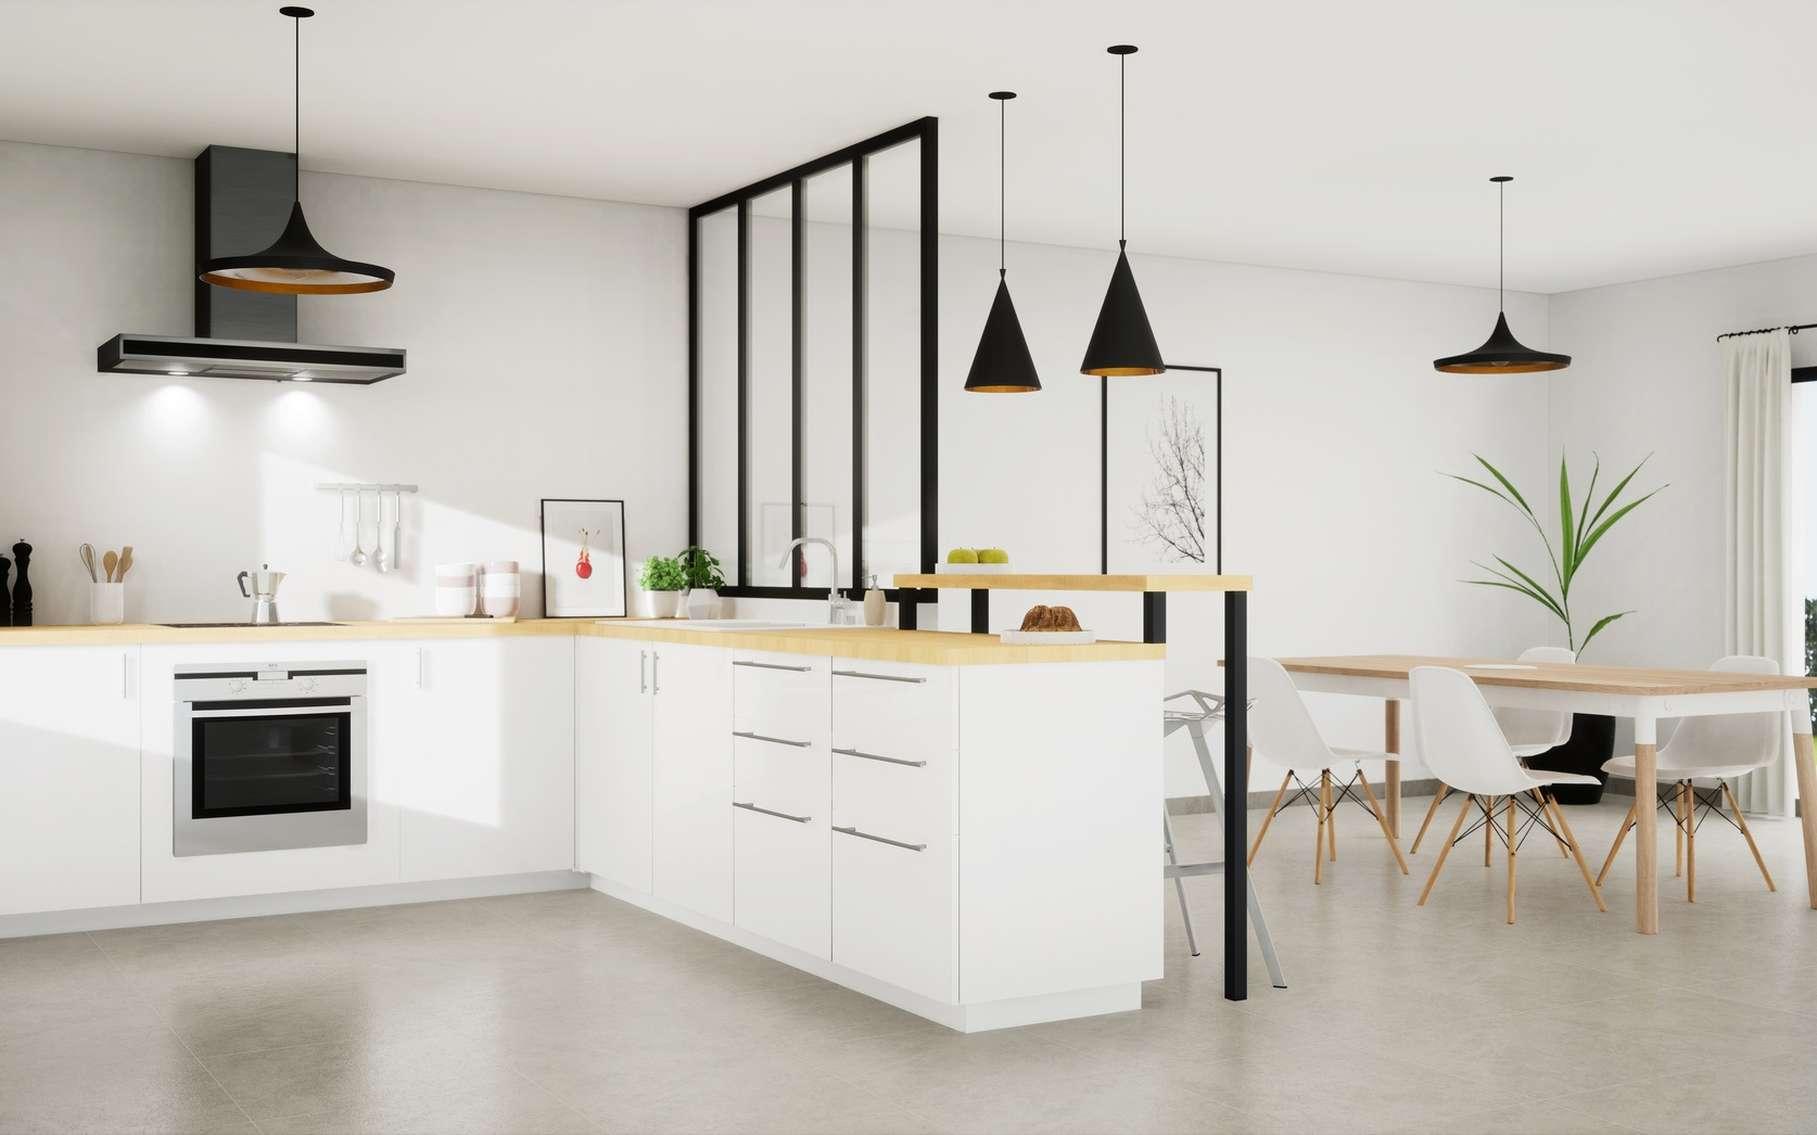 Un joli intérieur pourquoi pas, mais faut-il vraiment changer les meubles et l'électroménager pour des appareils neufs ? © sebastien, Fotolia